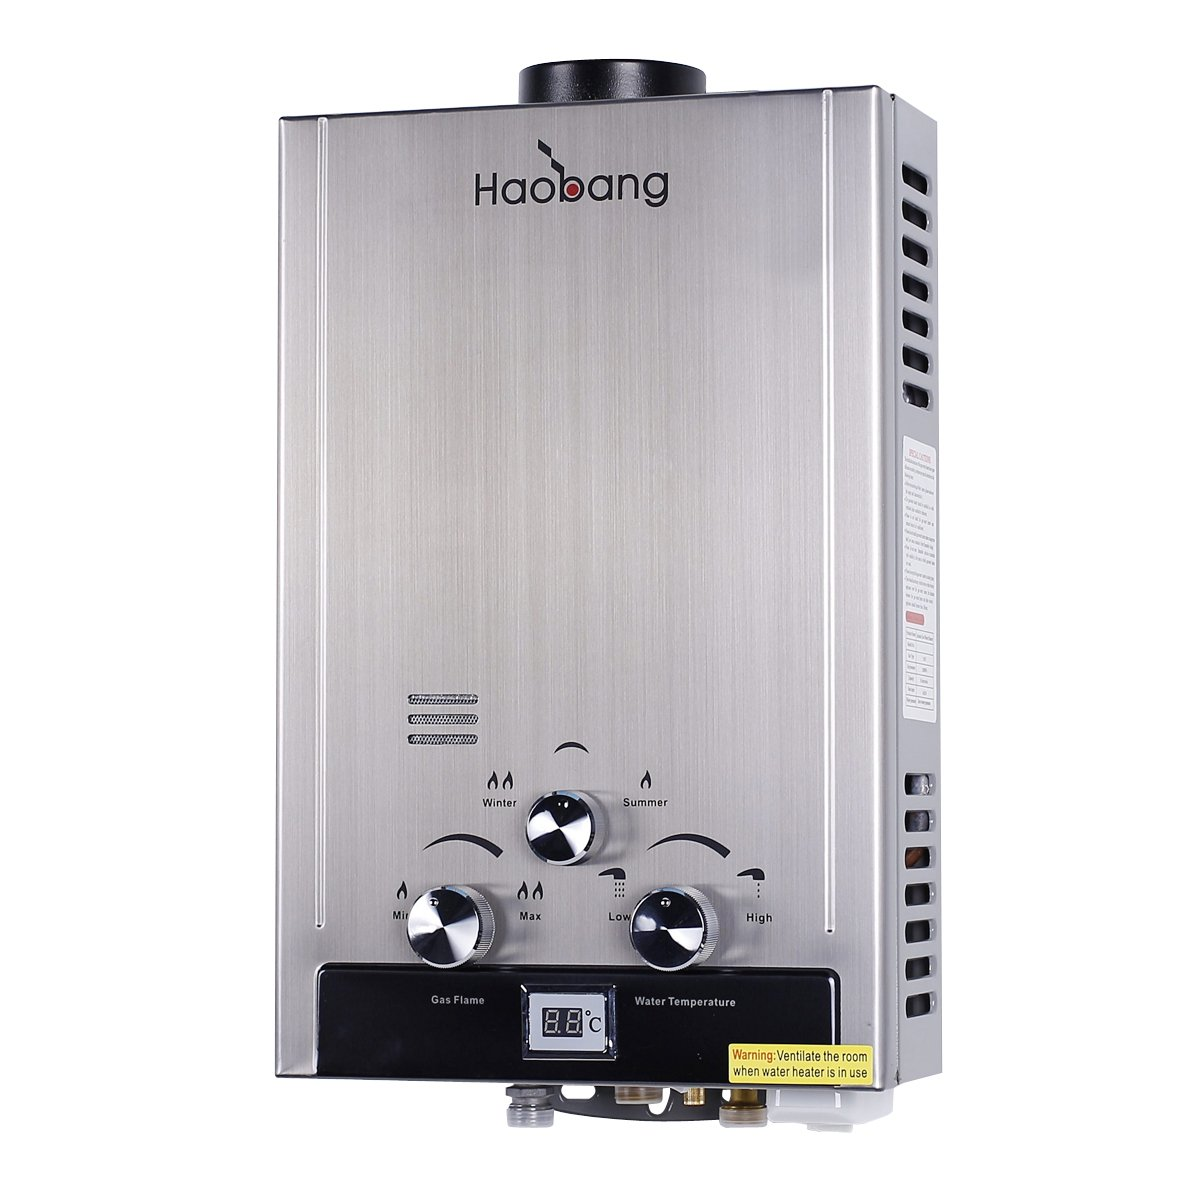 haobang Tankless calentador eléctrico de agua Istante jsd12-s01 6L/Min 12 KW: Amazon.es: Hogar